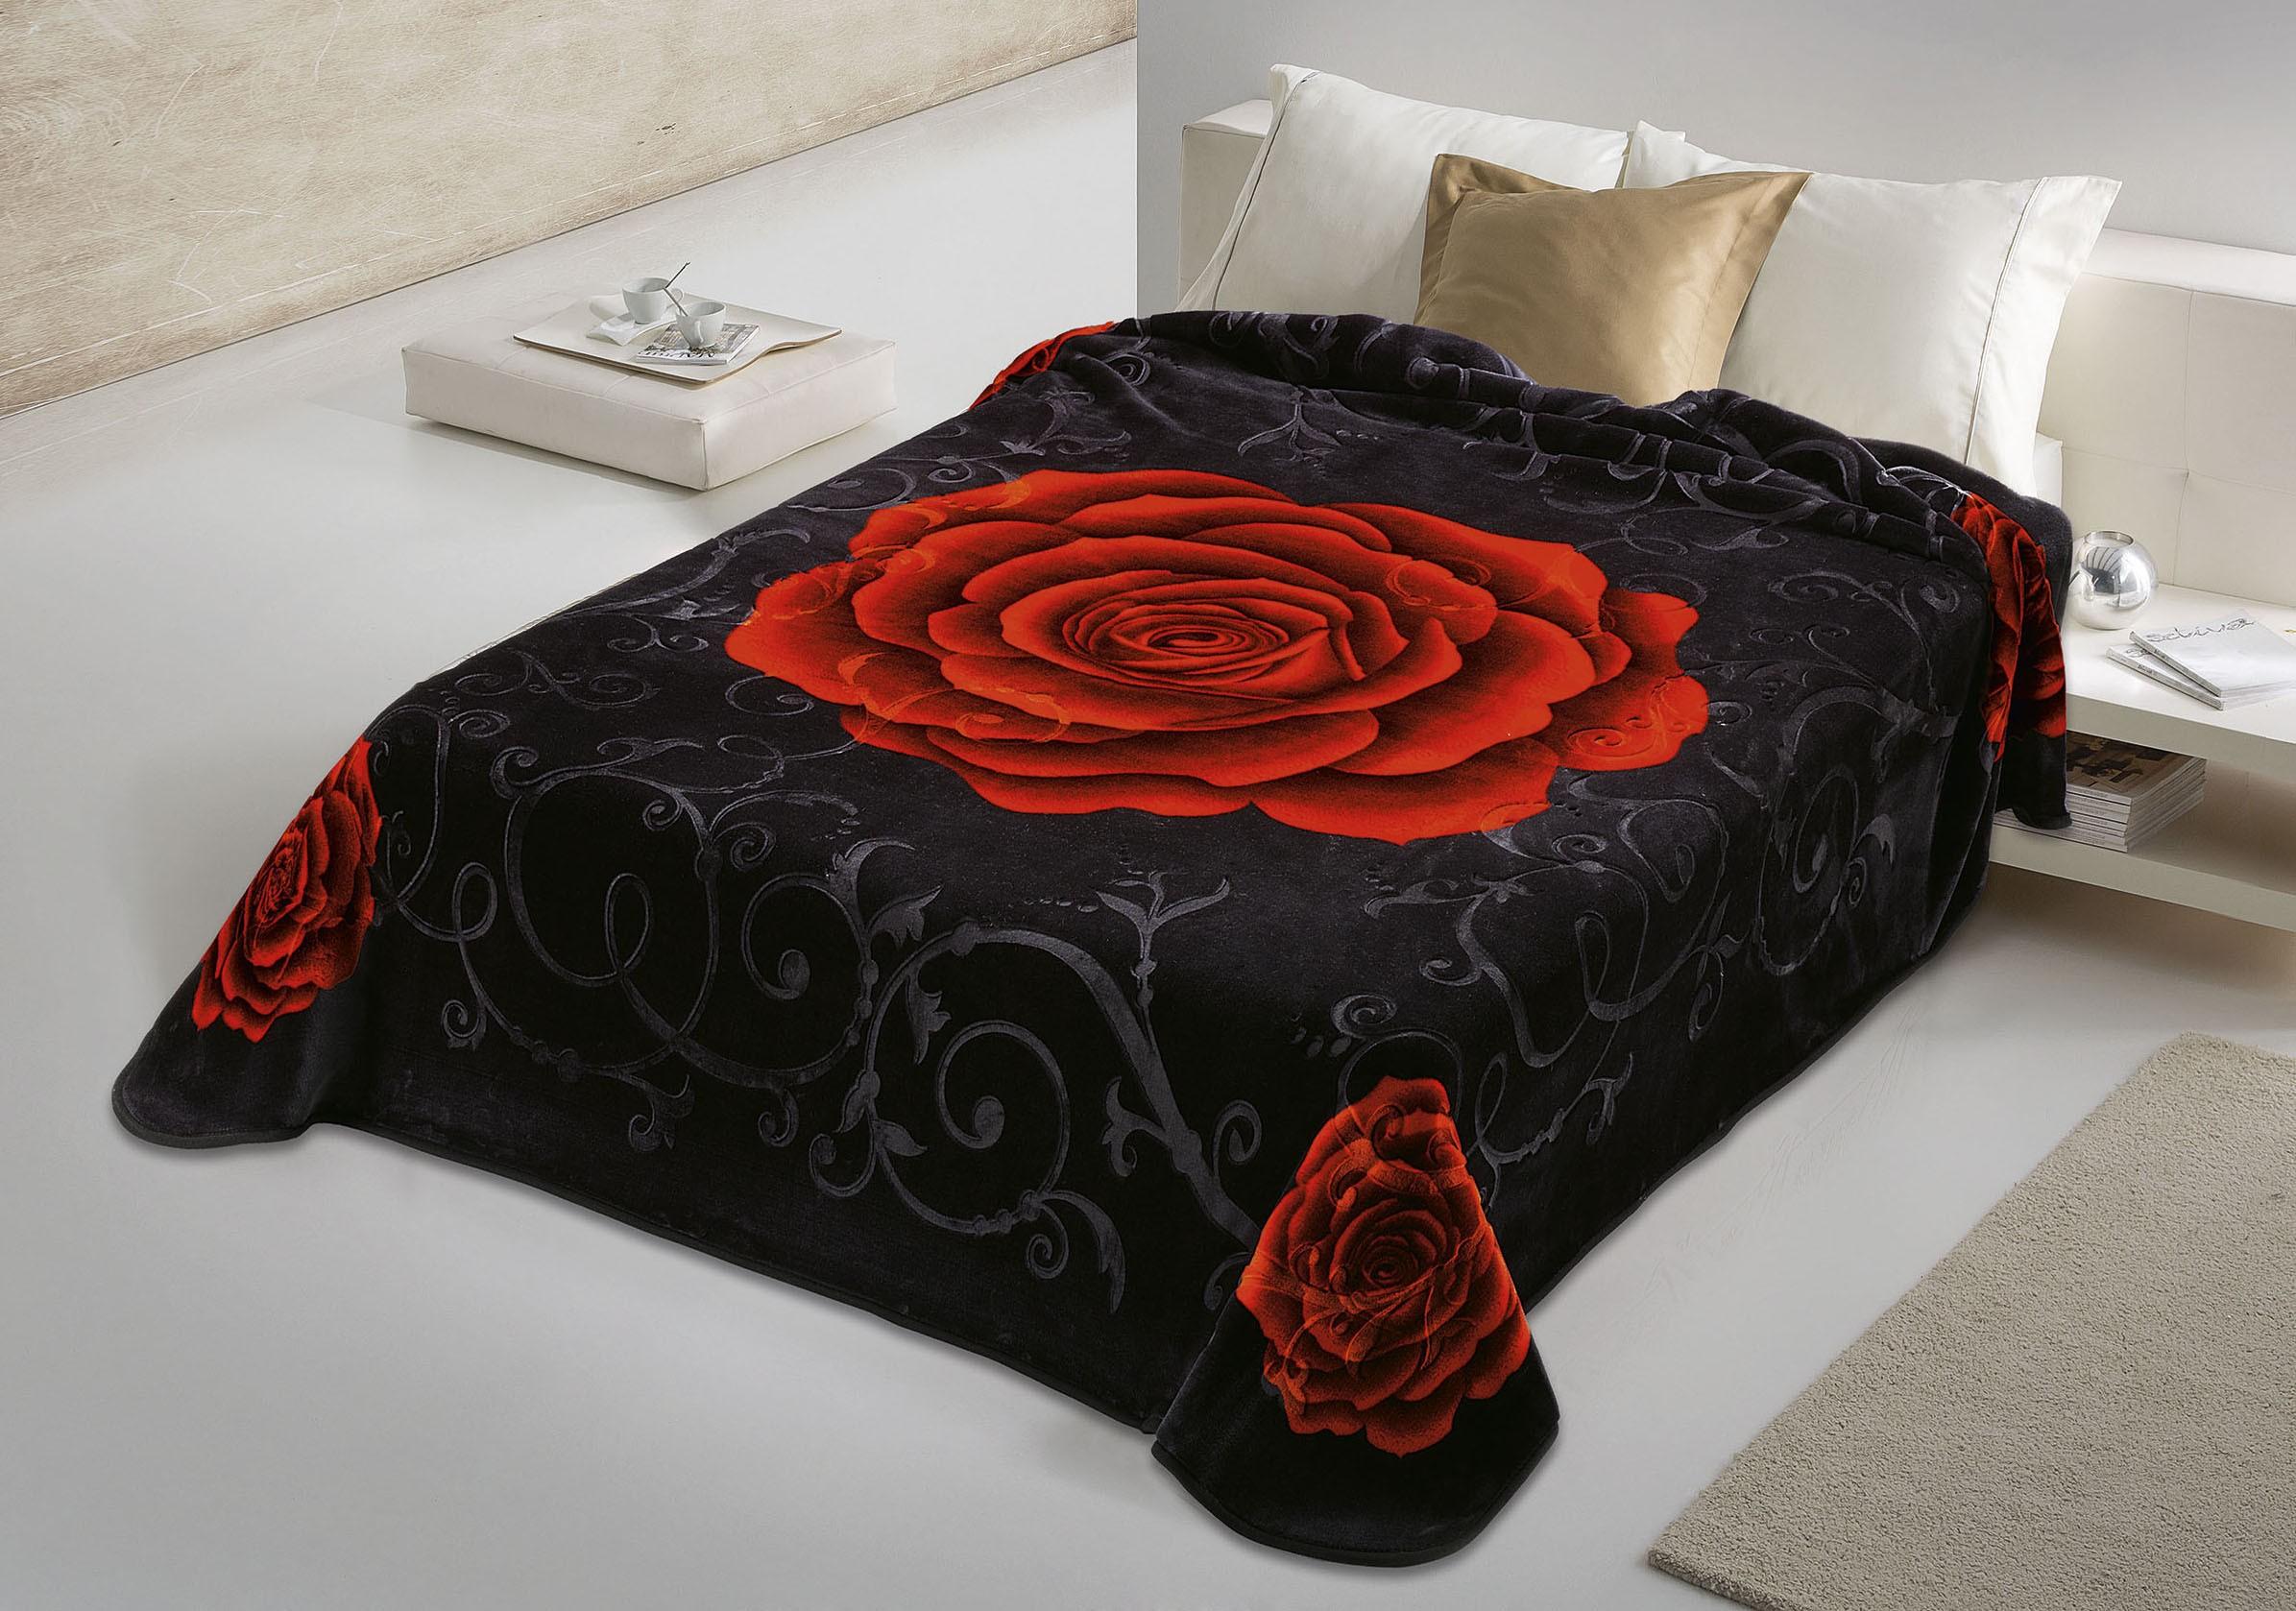 Κουβέρτα Βελουτέ Υπέρδιπλη Belpla Ster 5234 Black